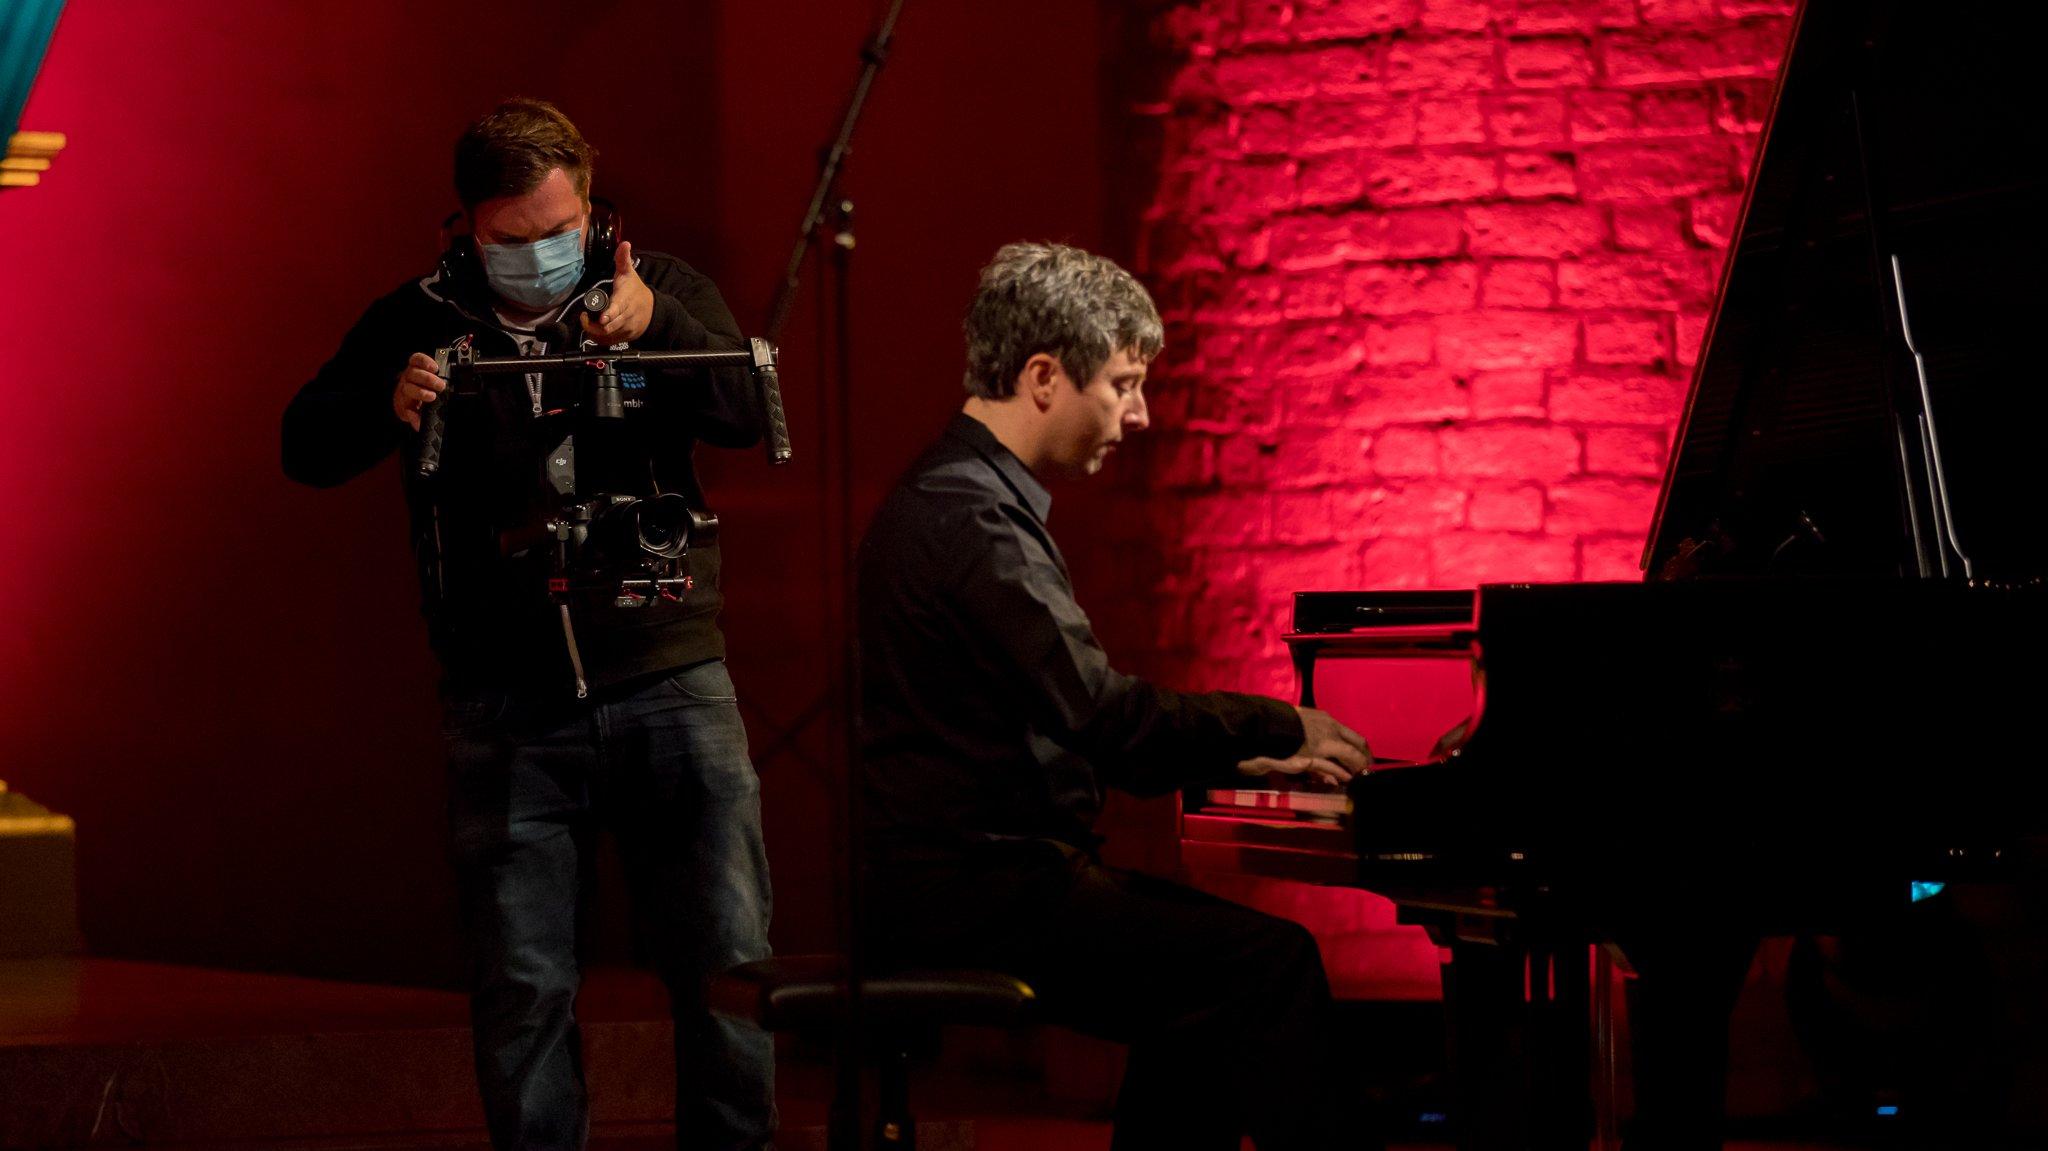 Pianist Daniel Fritzen wird bei seinem Konzert in der Kirche Flensburg von einem Kameramann gefilmt.